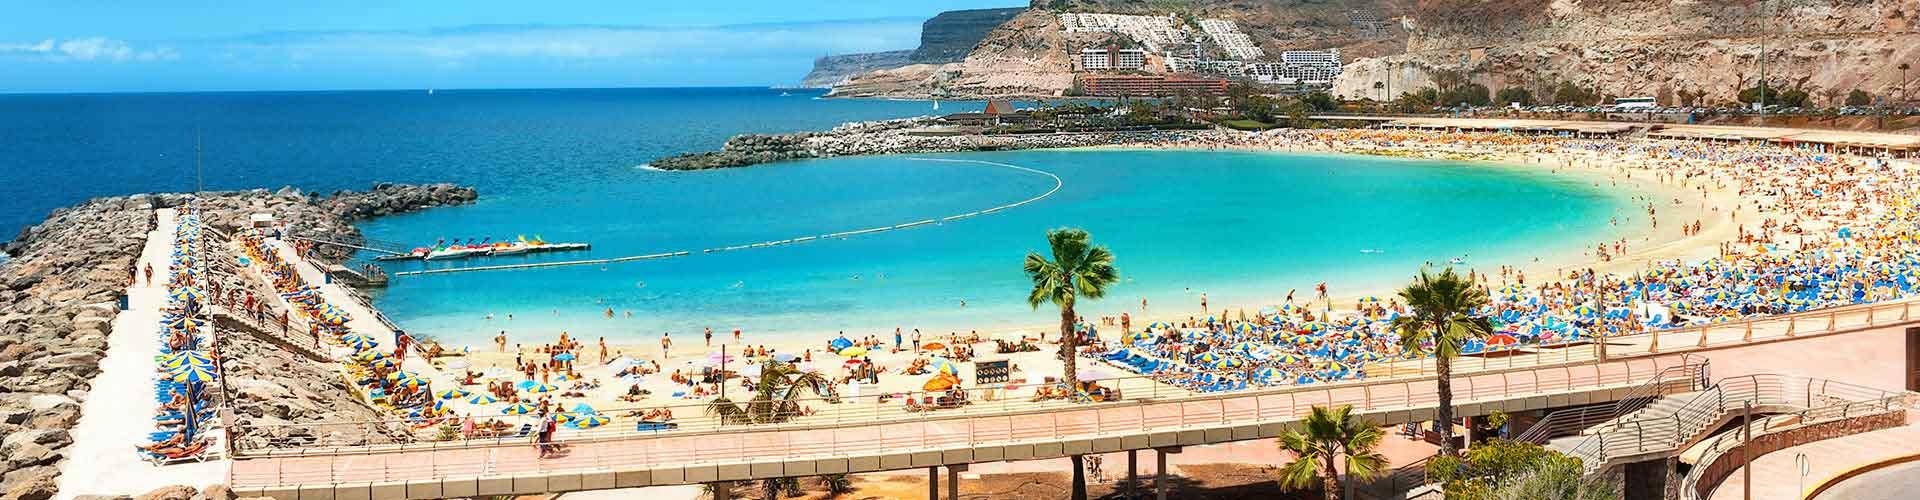 Gran Canaria - Habitaciones en Gran Canaria. Mapas de Gran Canaria, Fotos y comentarios de cada Habitación en Gran Canaria.